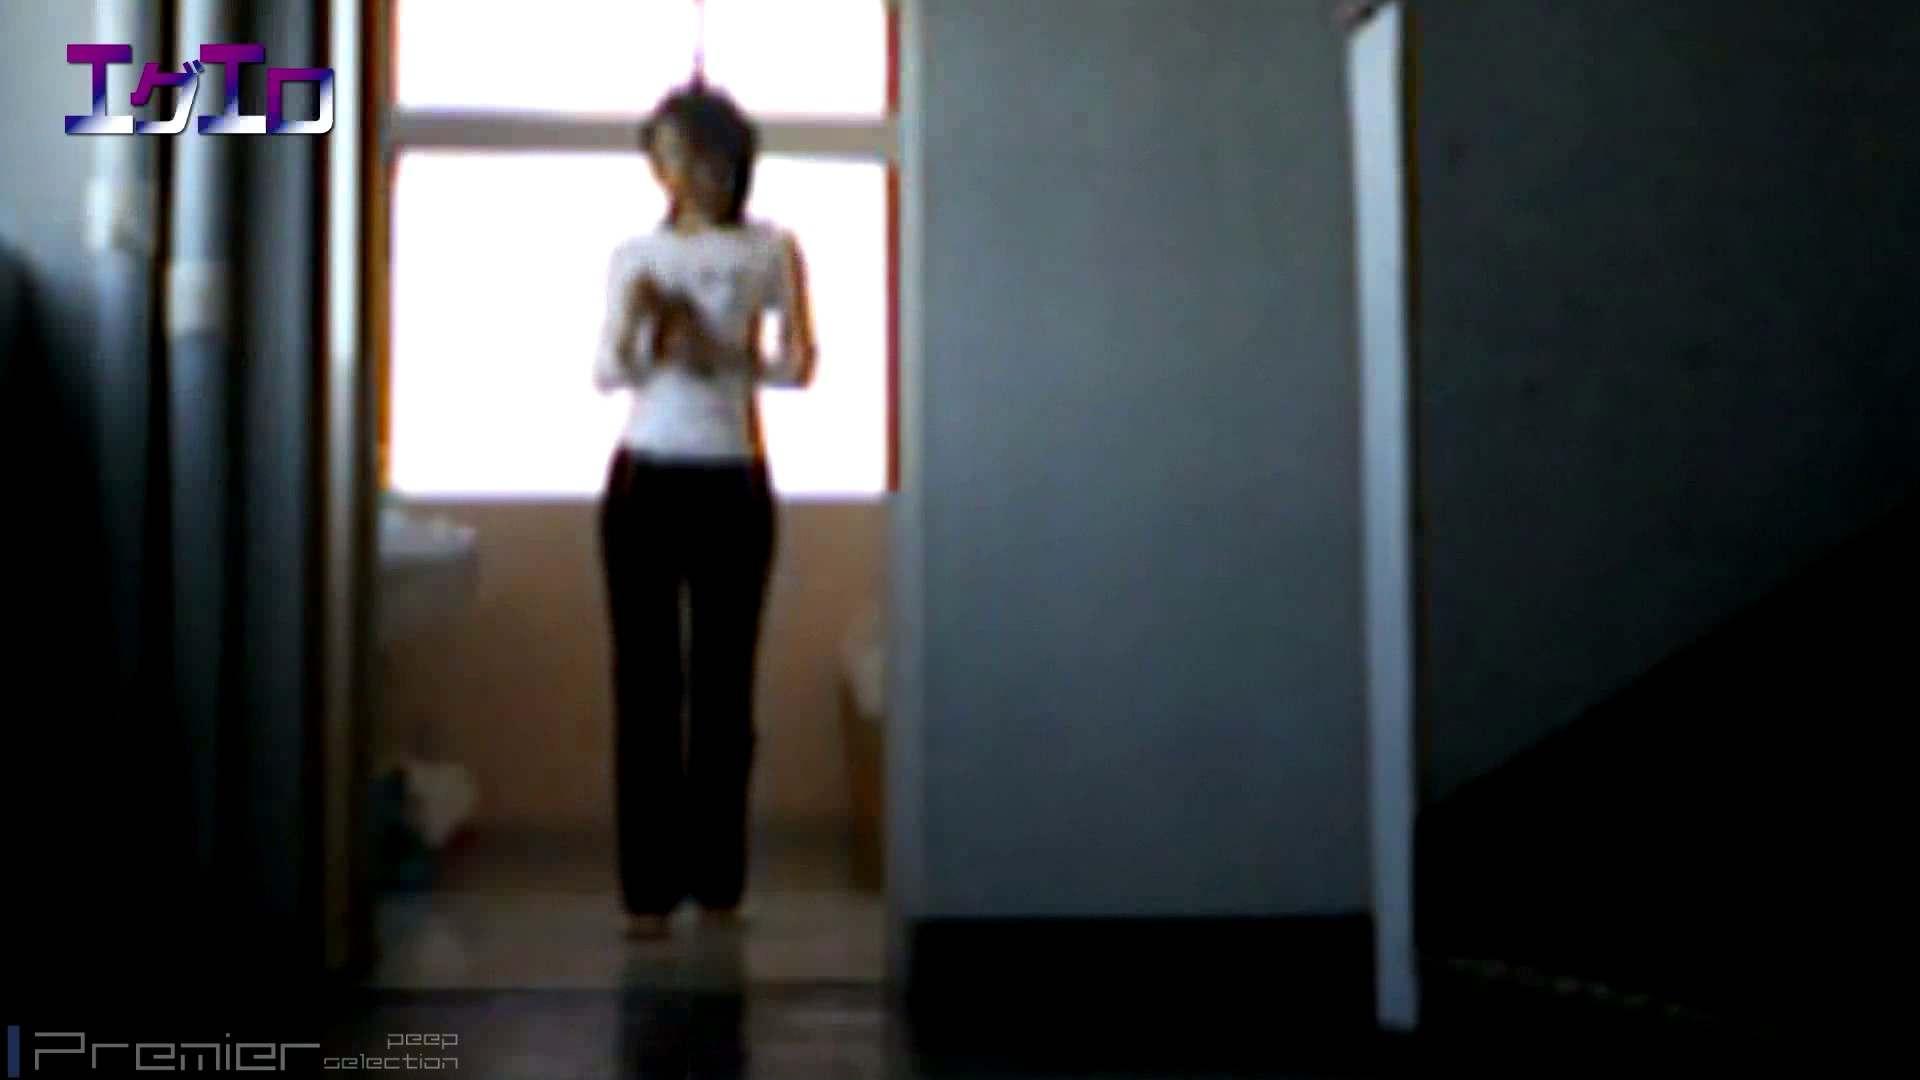 至近距離洗面所 Vol.09夏ギャルキタ~和式トイレ放nyoショー ギャル盗撮映像 性交動画流出 80PIX 32